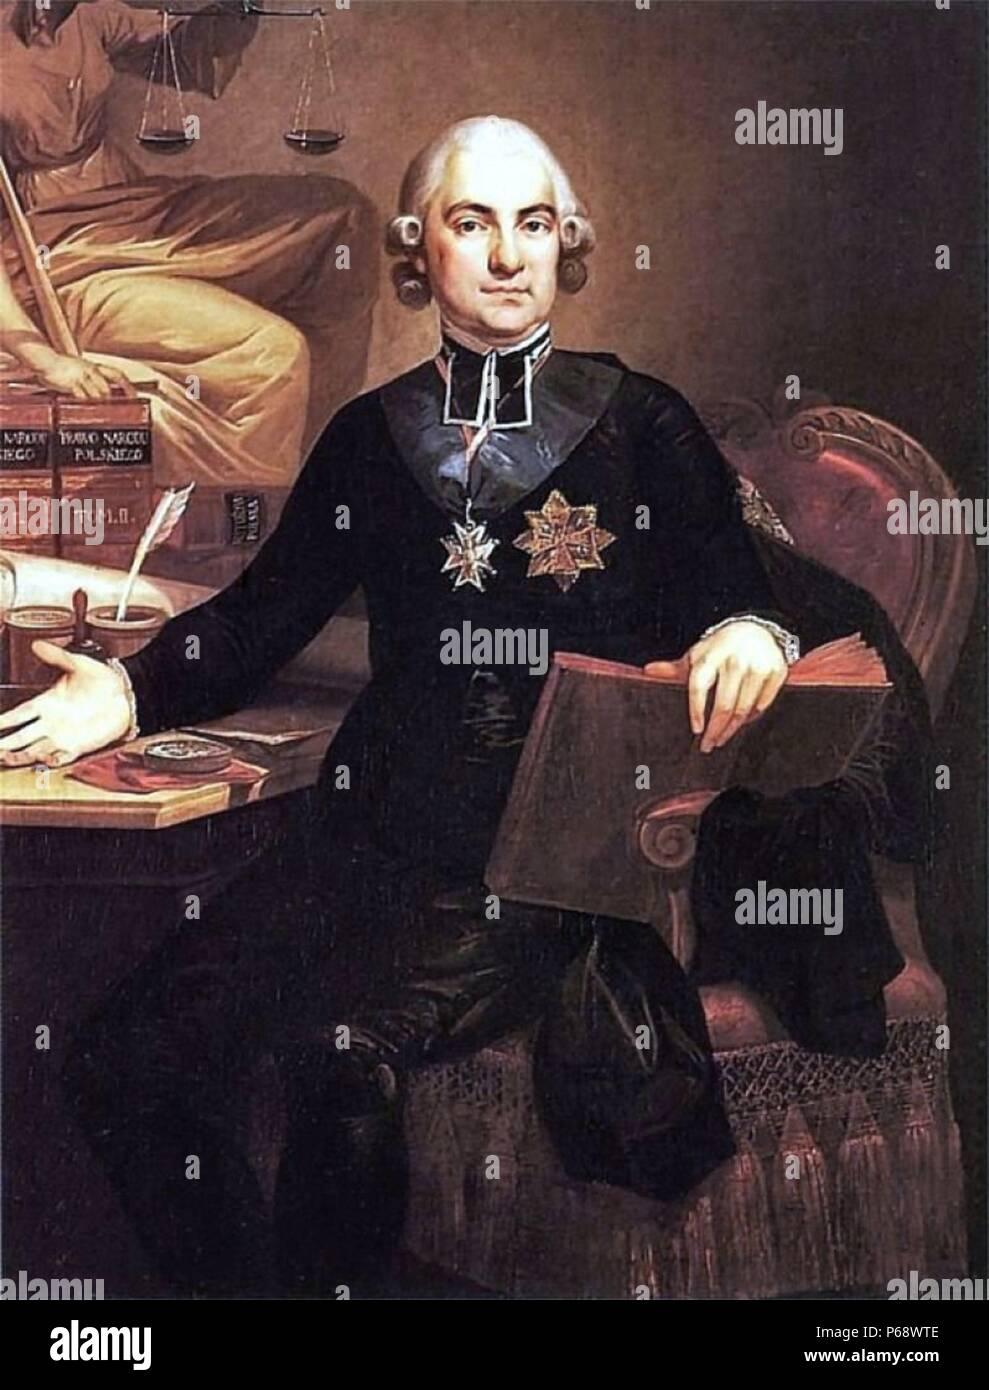 Hugo Stumberg Ko??? Taj (1750-1812), polnischer römisch-katholischer Priester, sozialer und politischer Aktivist, Historiker und Philosoph. Einer der prominentesten Figuren der Aufklärung in Polen. Stockbild